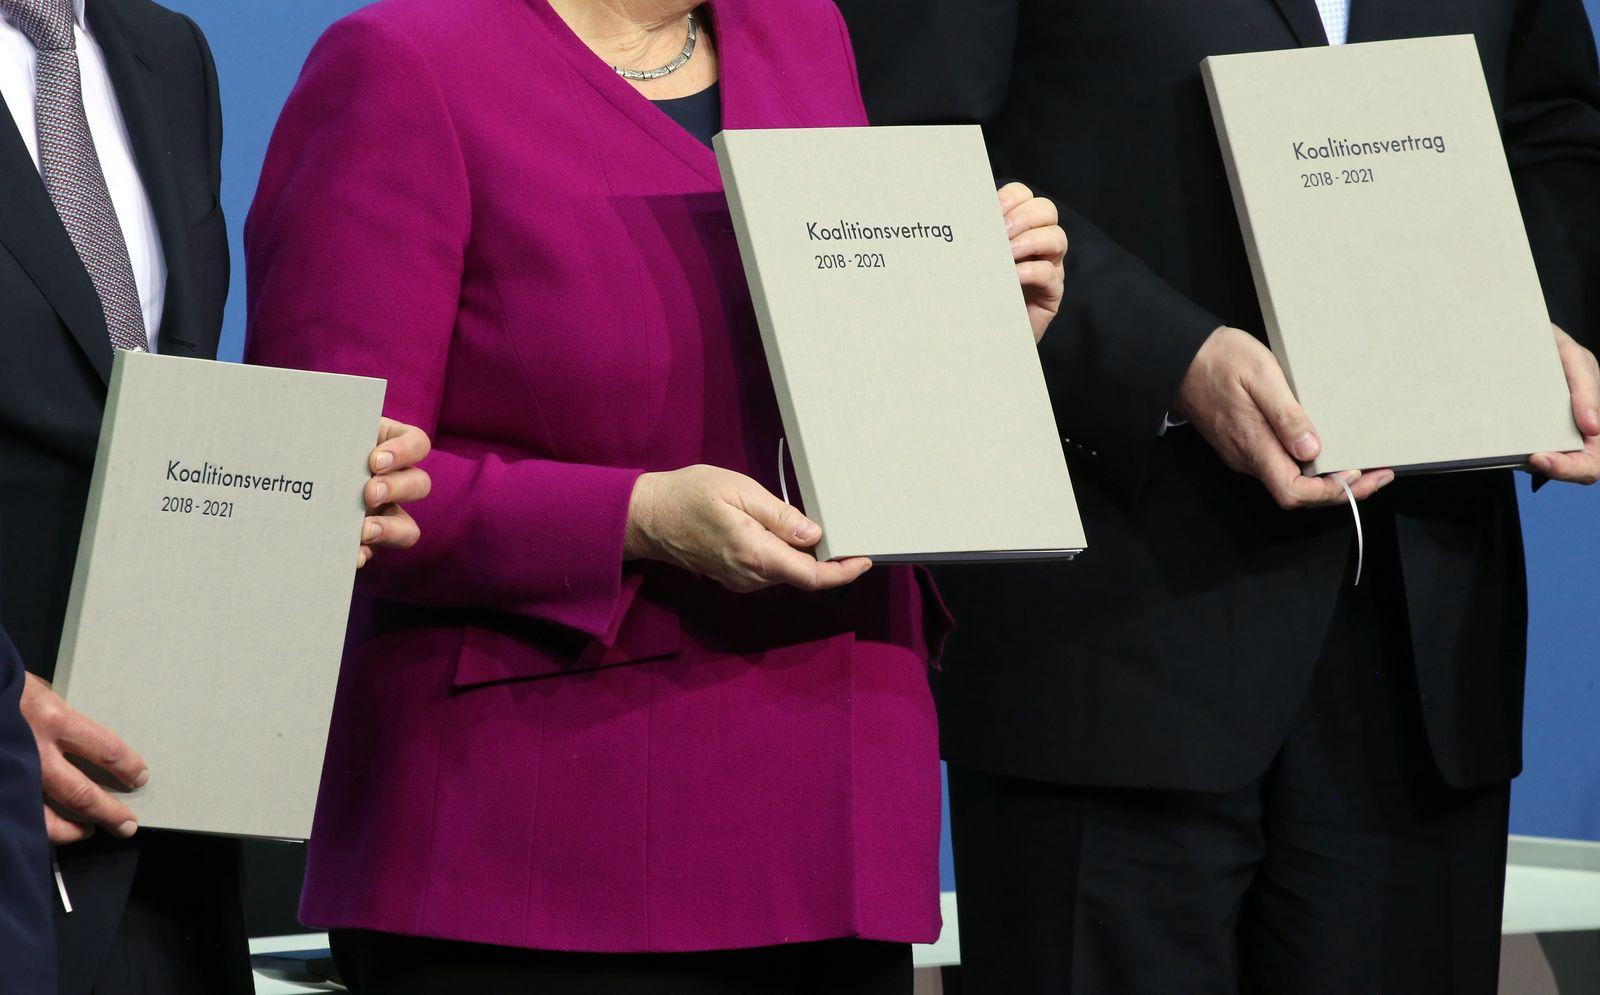 Koalitionsvertrag der großen Koalition